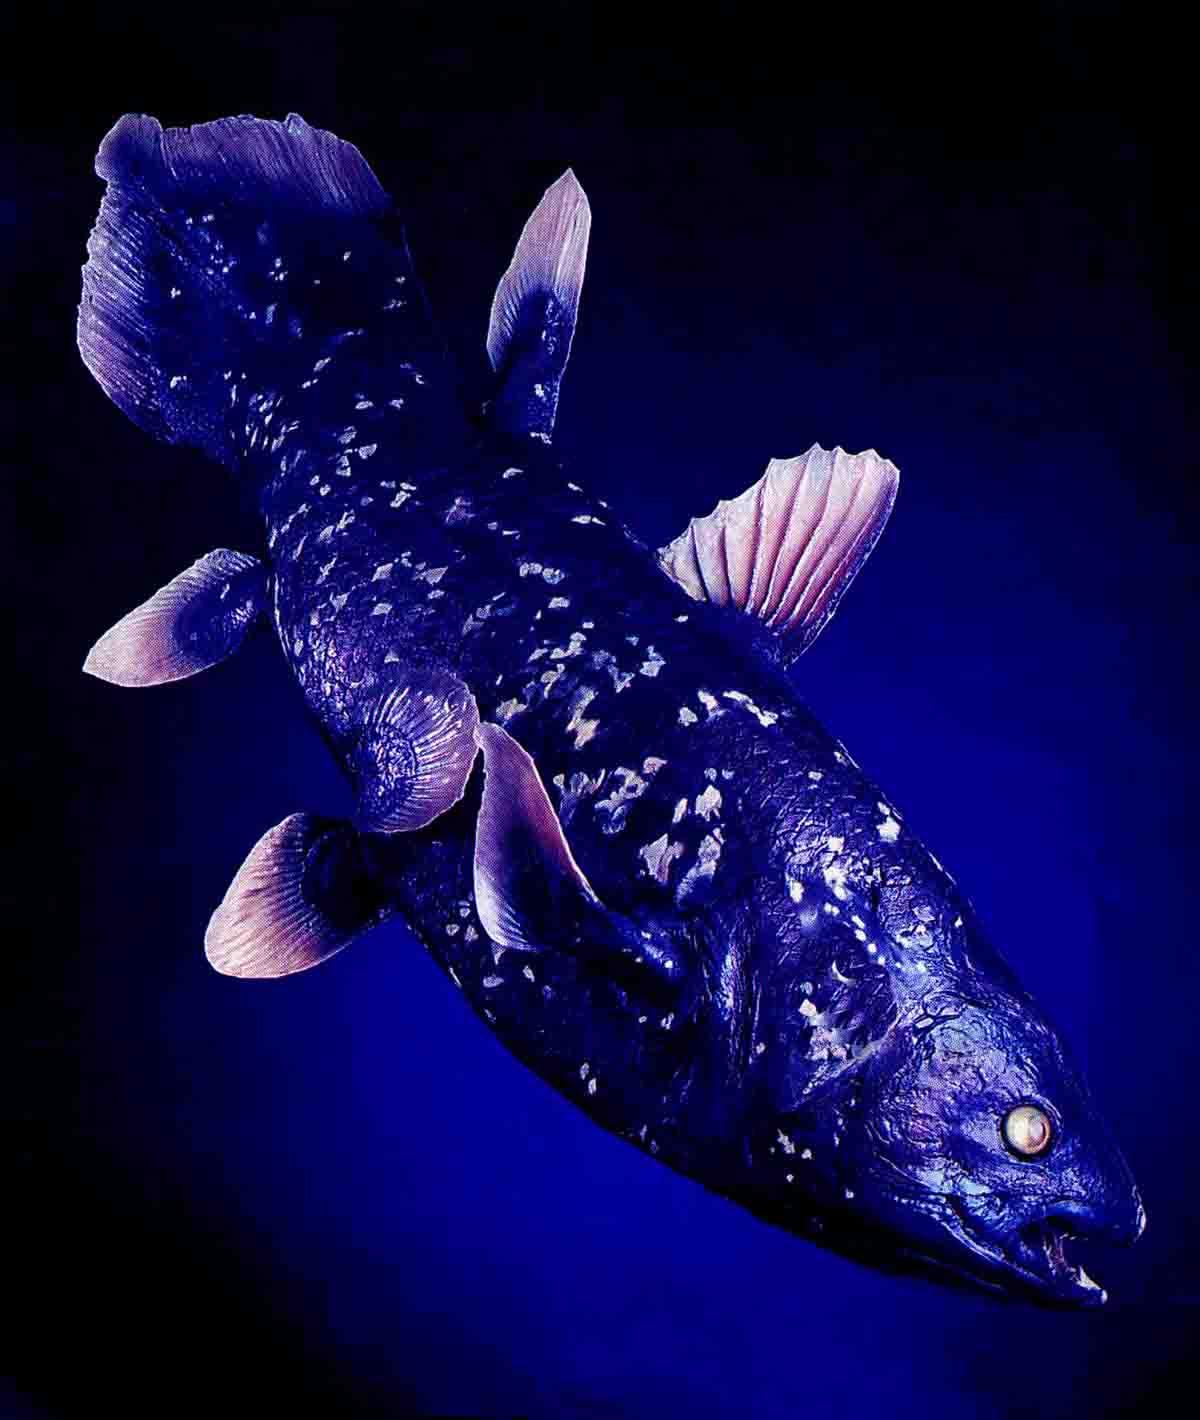 Рыба химера: морская крыса, кролик или королевская рыба?